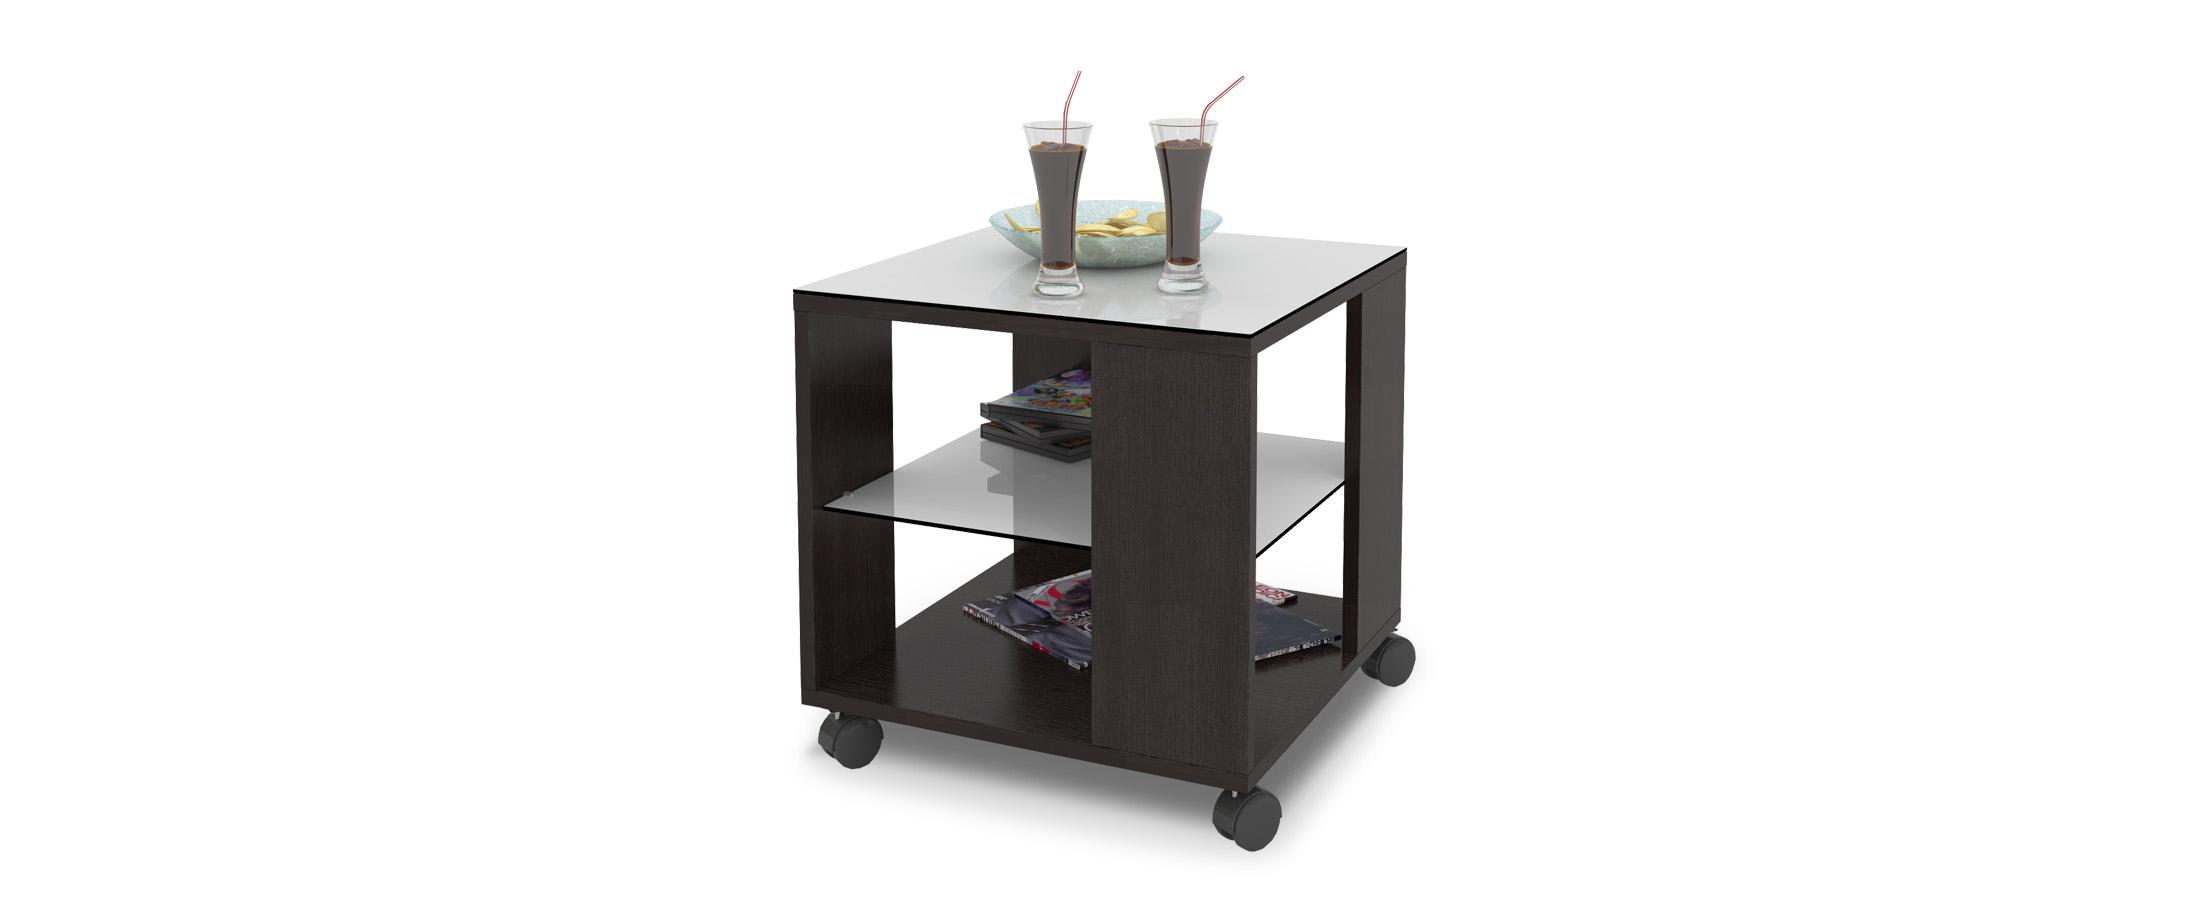 Журнальный стол Mayer 2 Модель 341Стильный четырёхколёсный стол легко передвигается по любому покрытию. Столешница из закалённого стекла, плюс две дополнительные полочки. Гарантия 18 месяцев.<br><br>Ширина см: 45<br>Глубина см: 45<br>Высота см: 57<br>Цвет: Венге<br>Материал столешницы: Стекло<br>Материал корпуса: ДСП